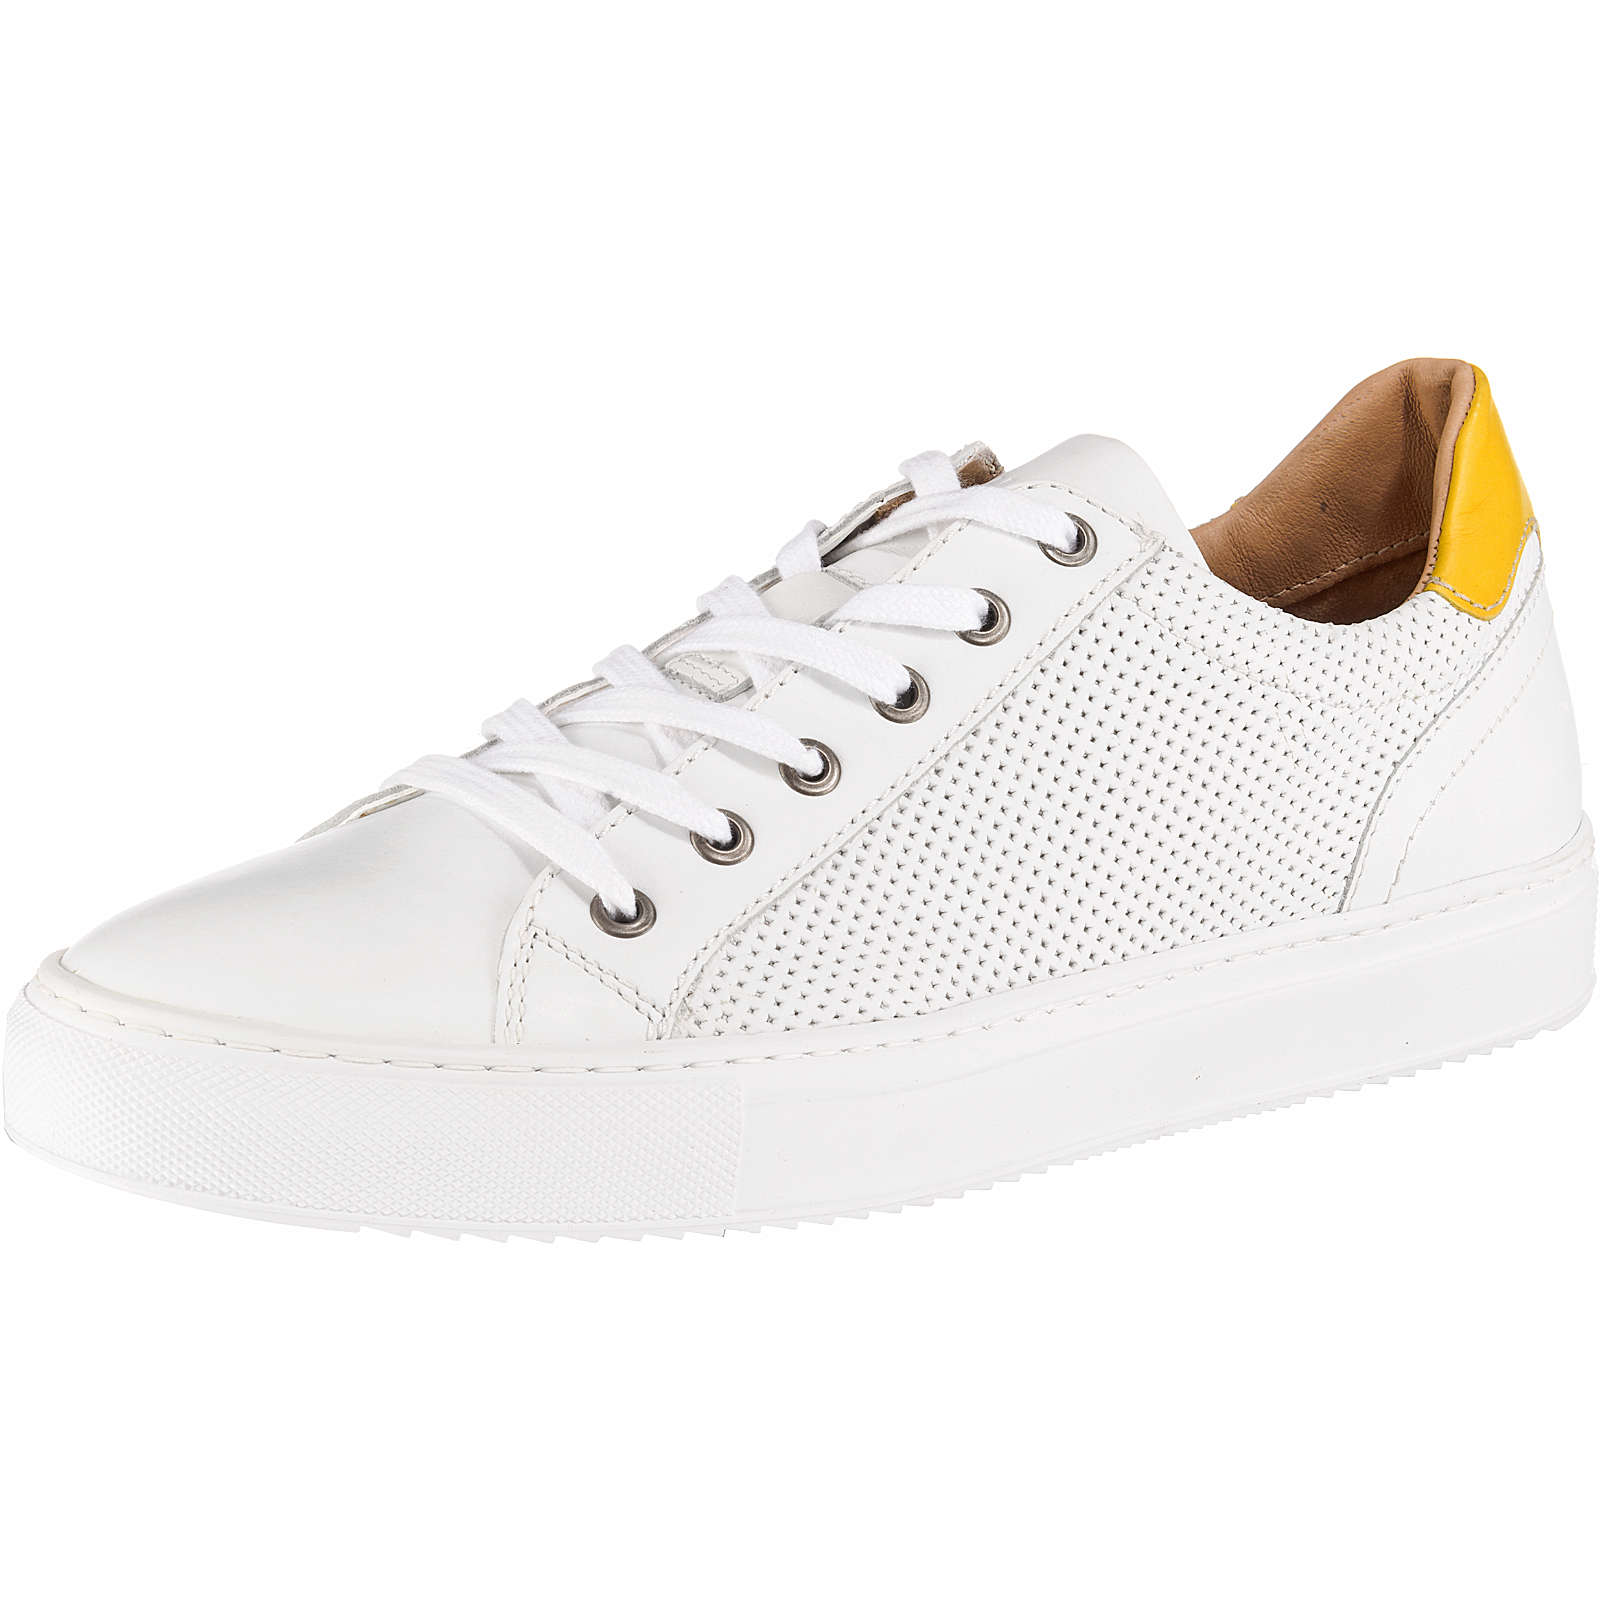 CINQUE 51810 Sneakers Low weiß Herren Gr. 43